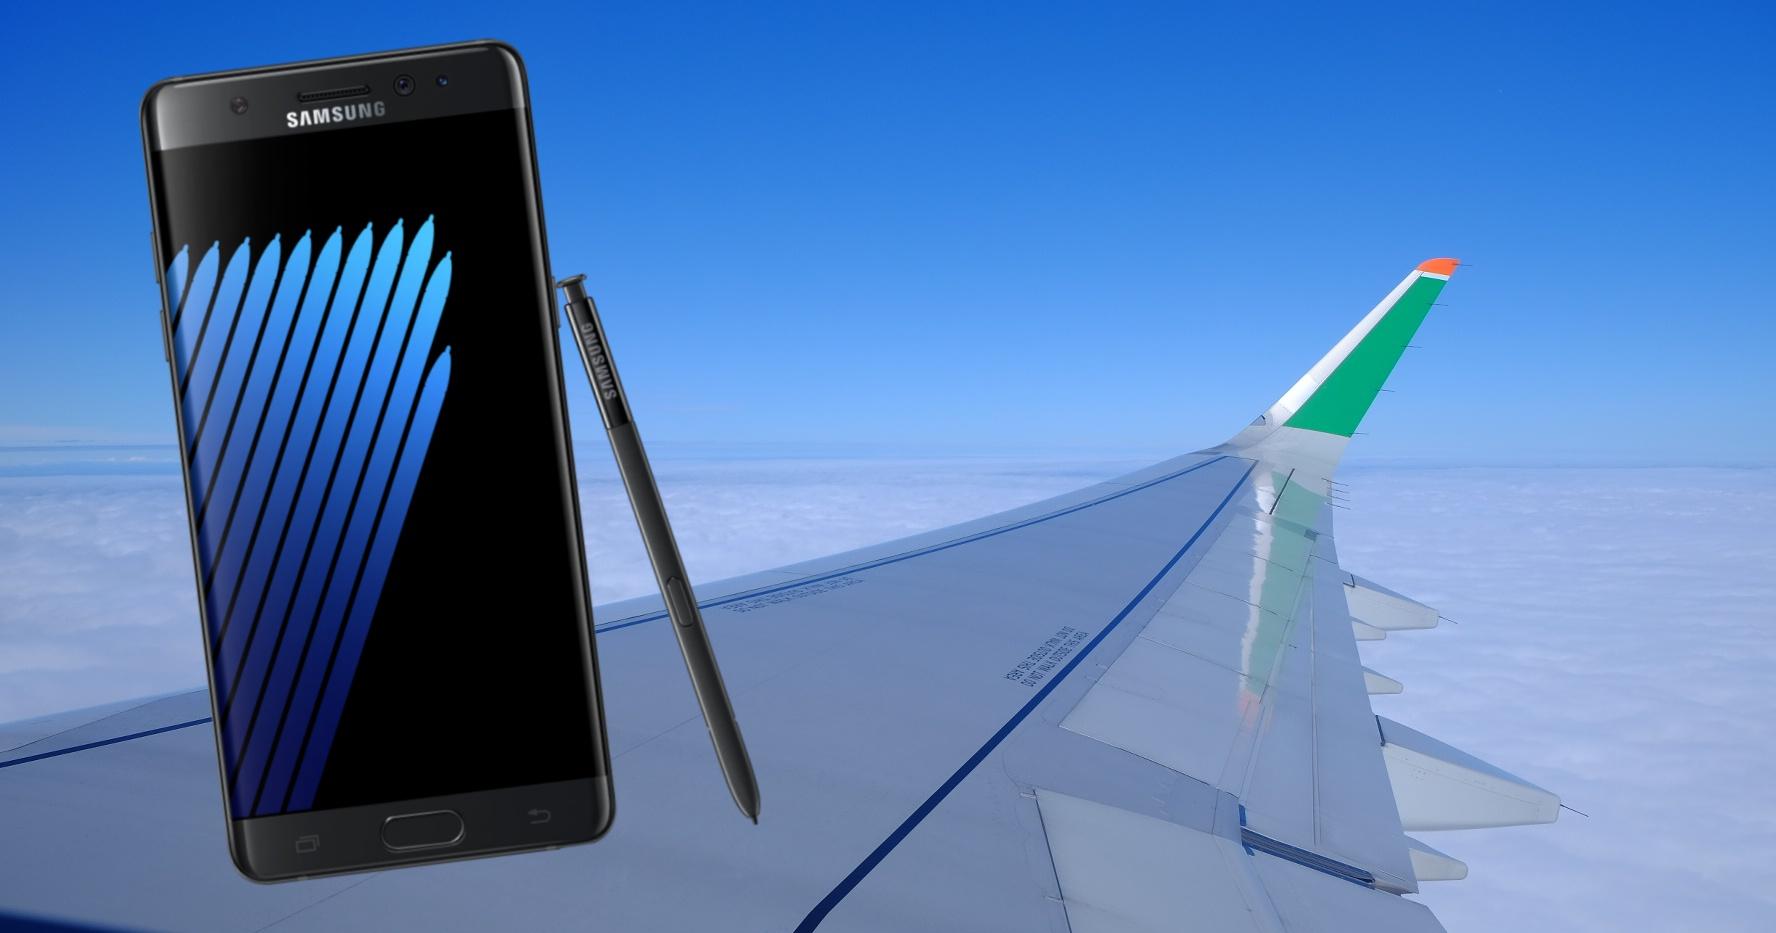 Note 7 禁上飛機帶不出國?台灣三星表示將在機場櫃臺提供備用手機供旅客出國替換